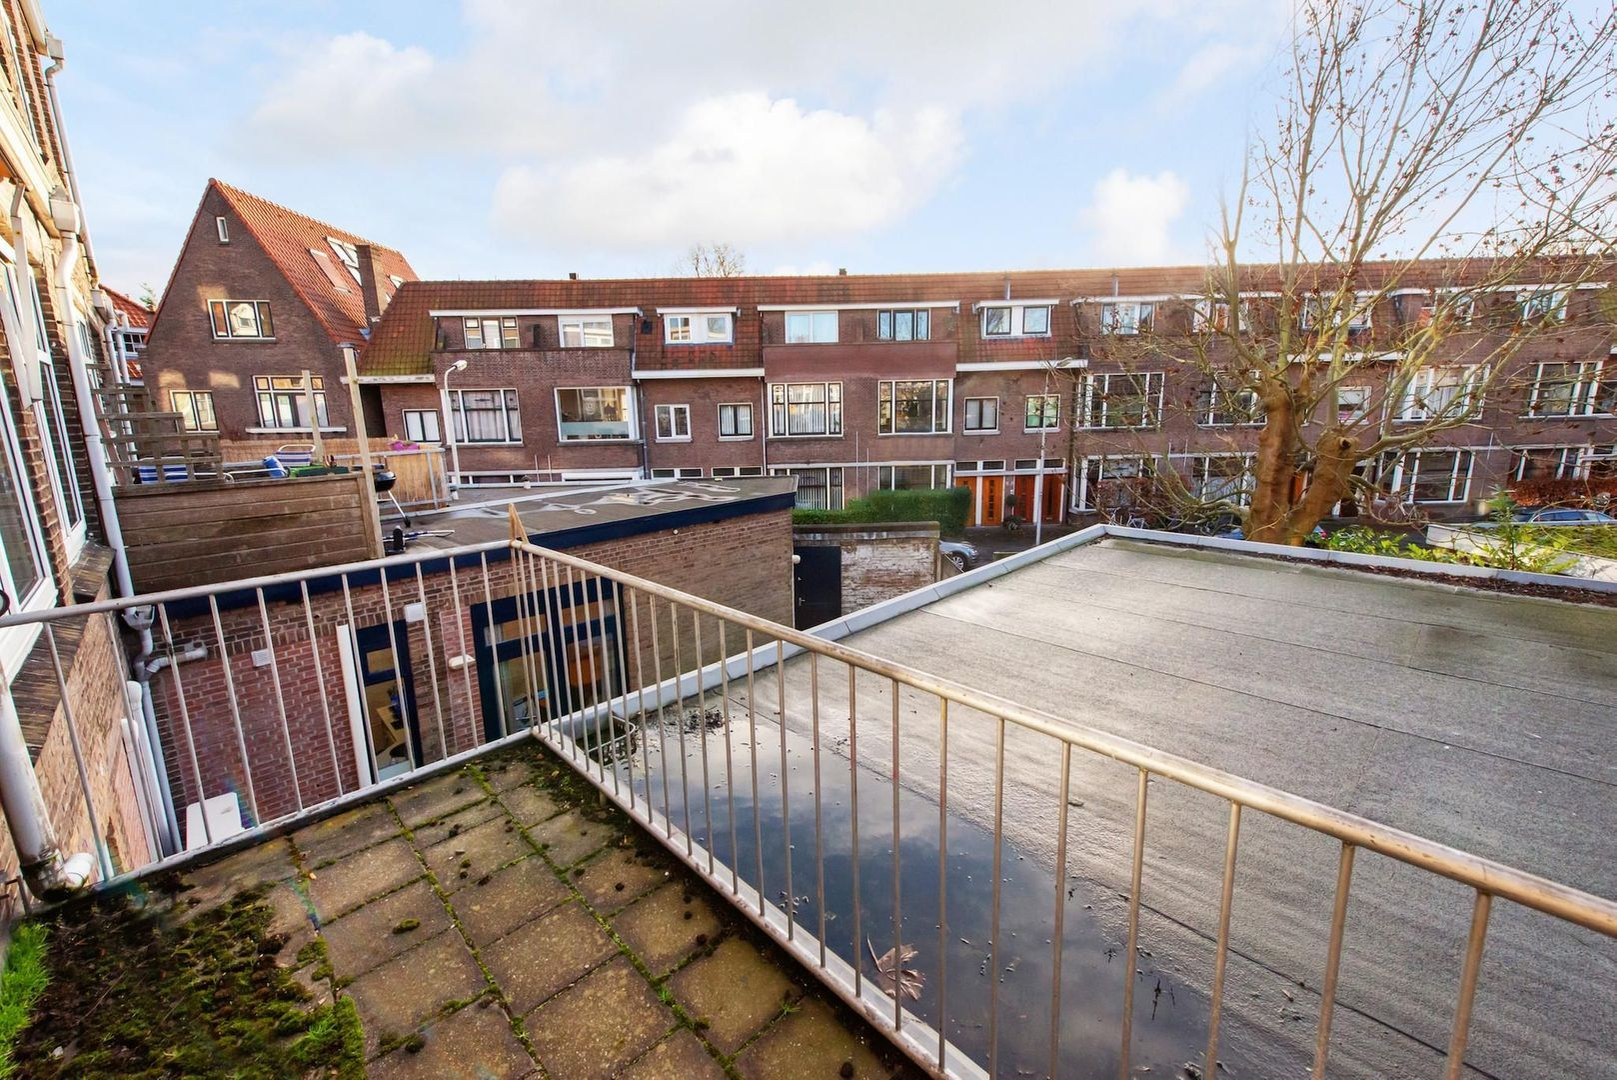 Julianalaan 49 45, 51, Delft foto-20